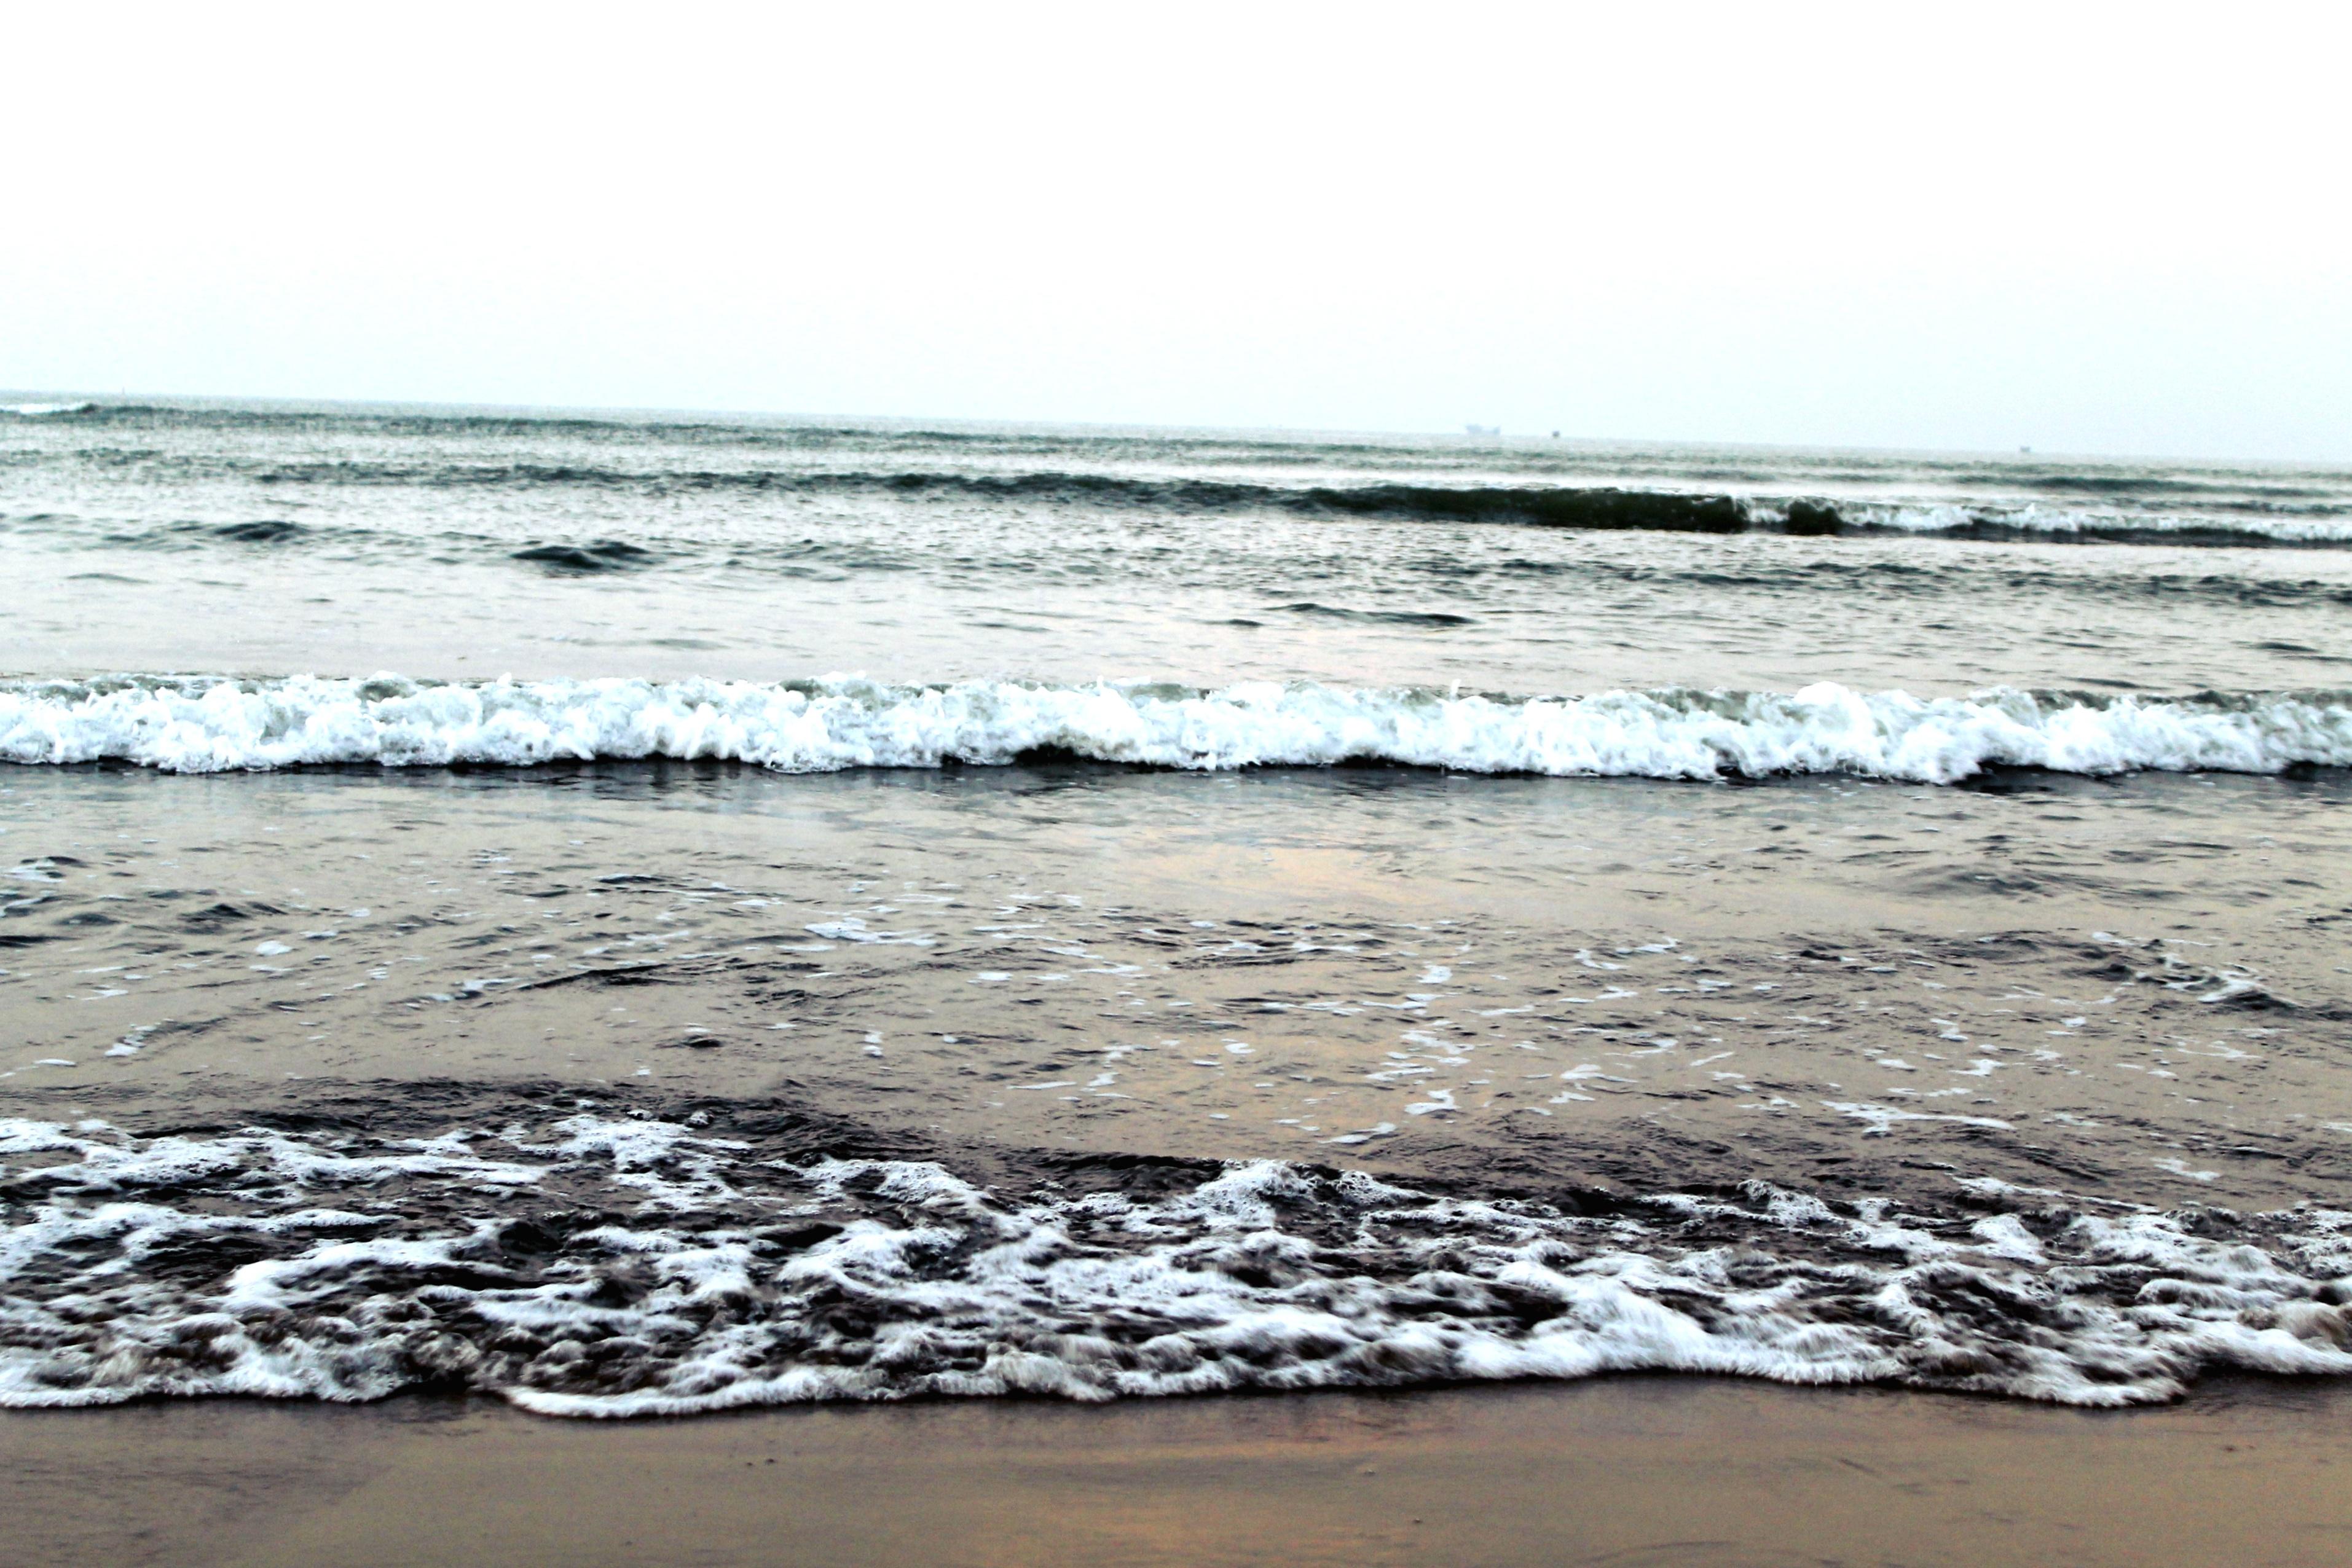 Immagini Belle Spiaggia Mare Costa Acqua Sabbia Roccia